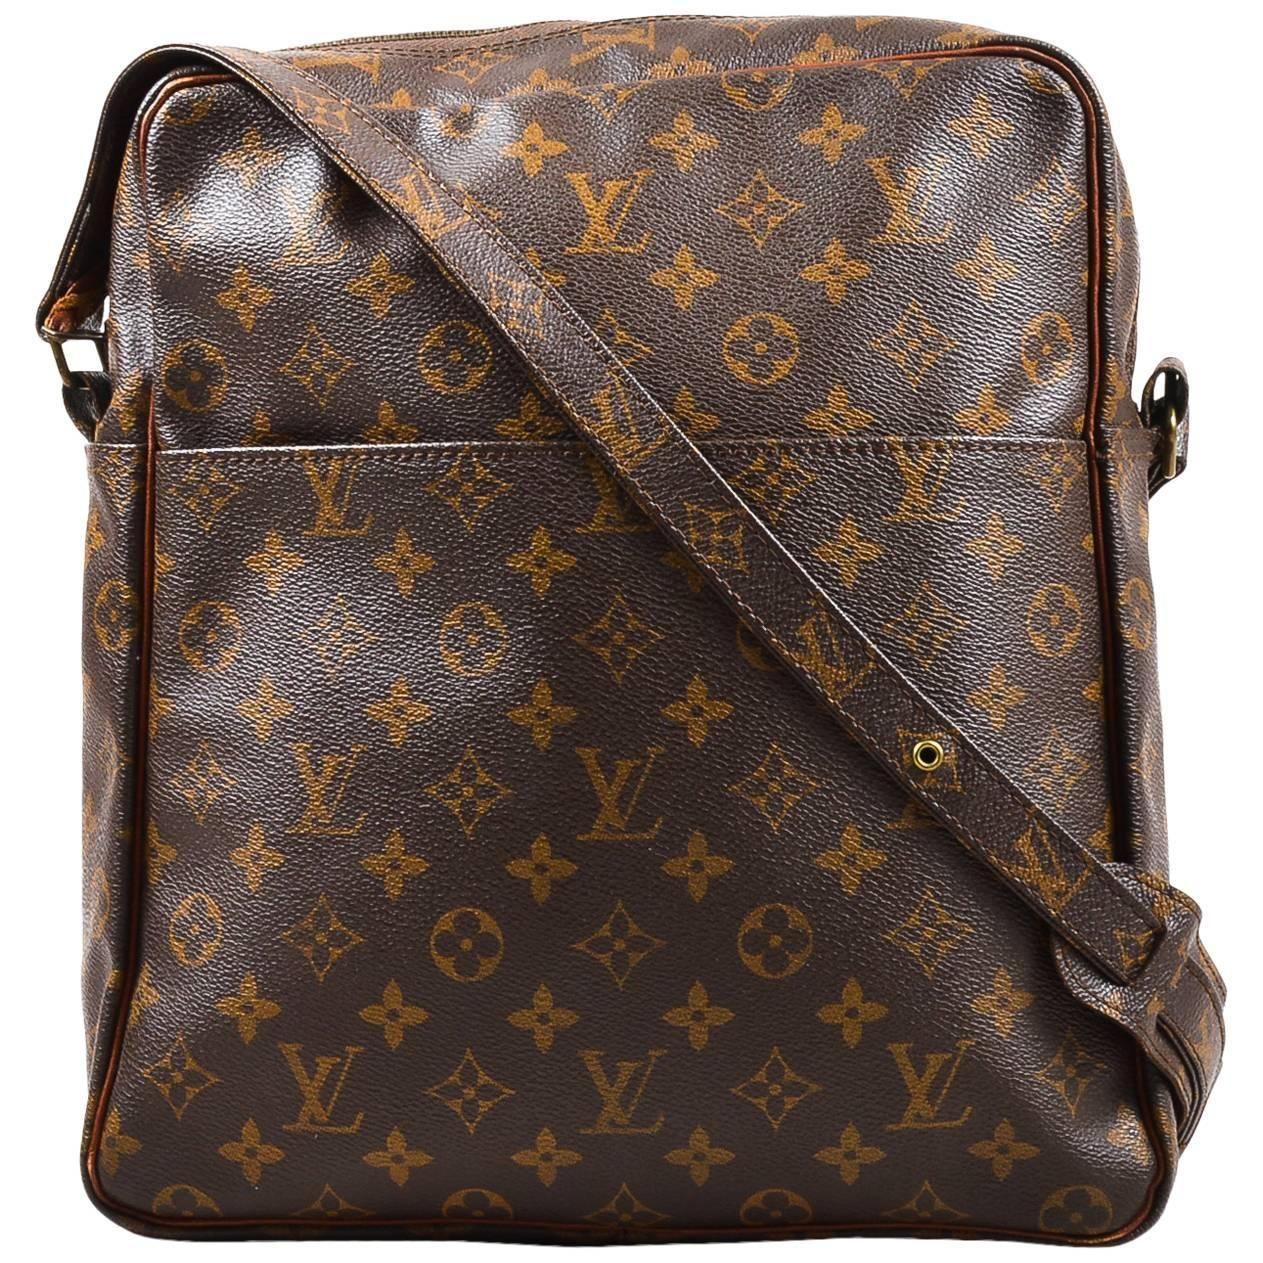 94ba71913 1 Vintage Louis Vuitton, Monogram Canvas, Bag Sale, Louis Vuitton Monogram,  Shoulder